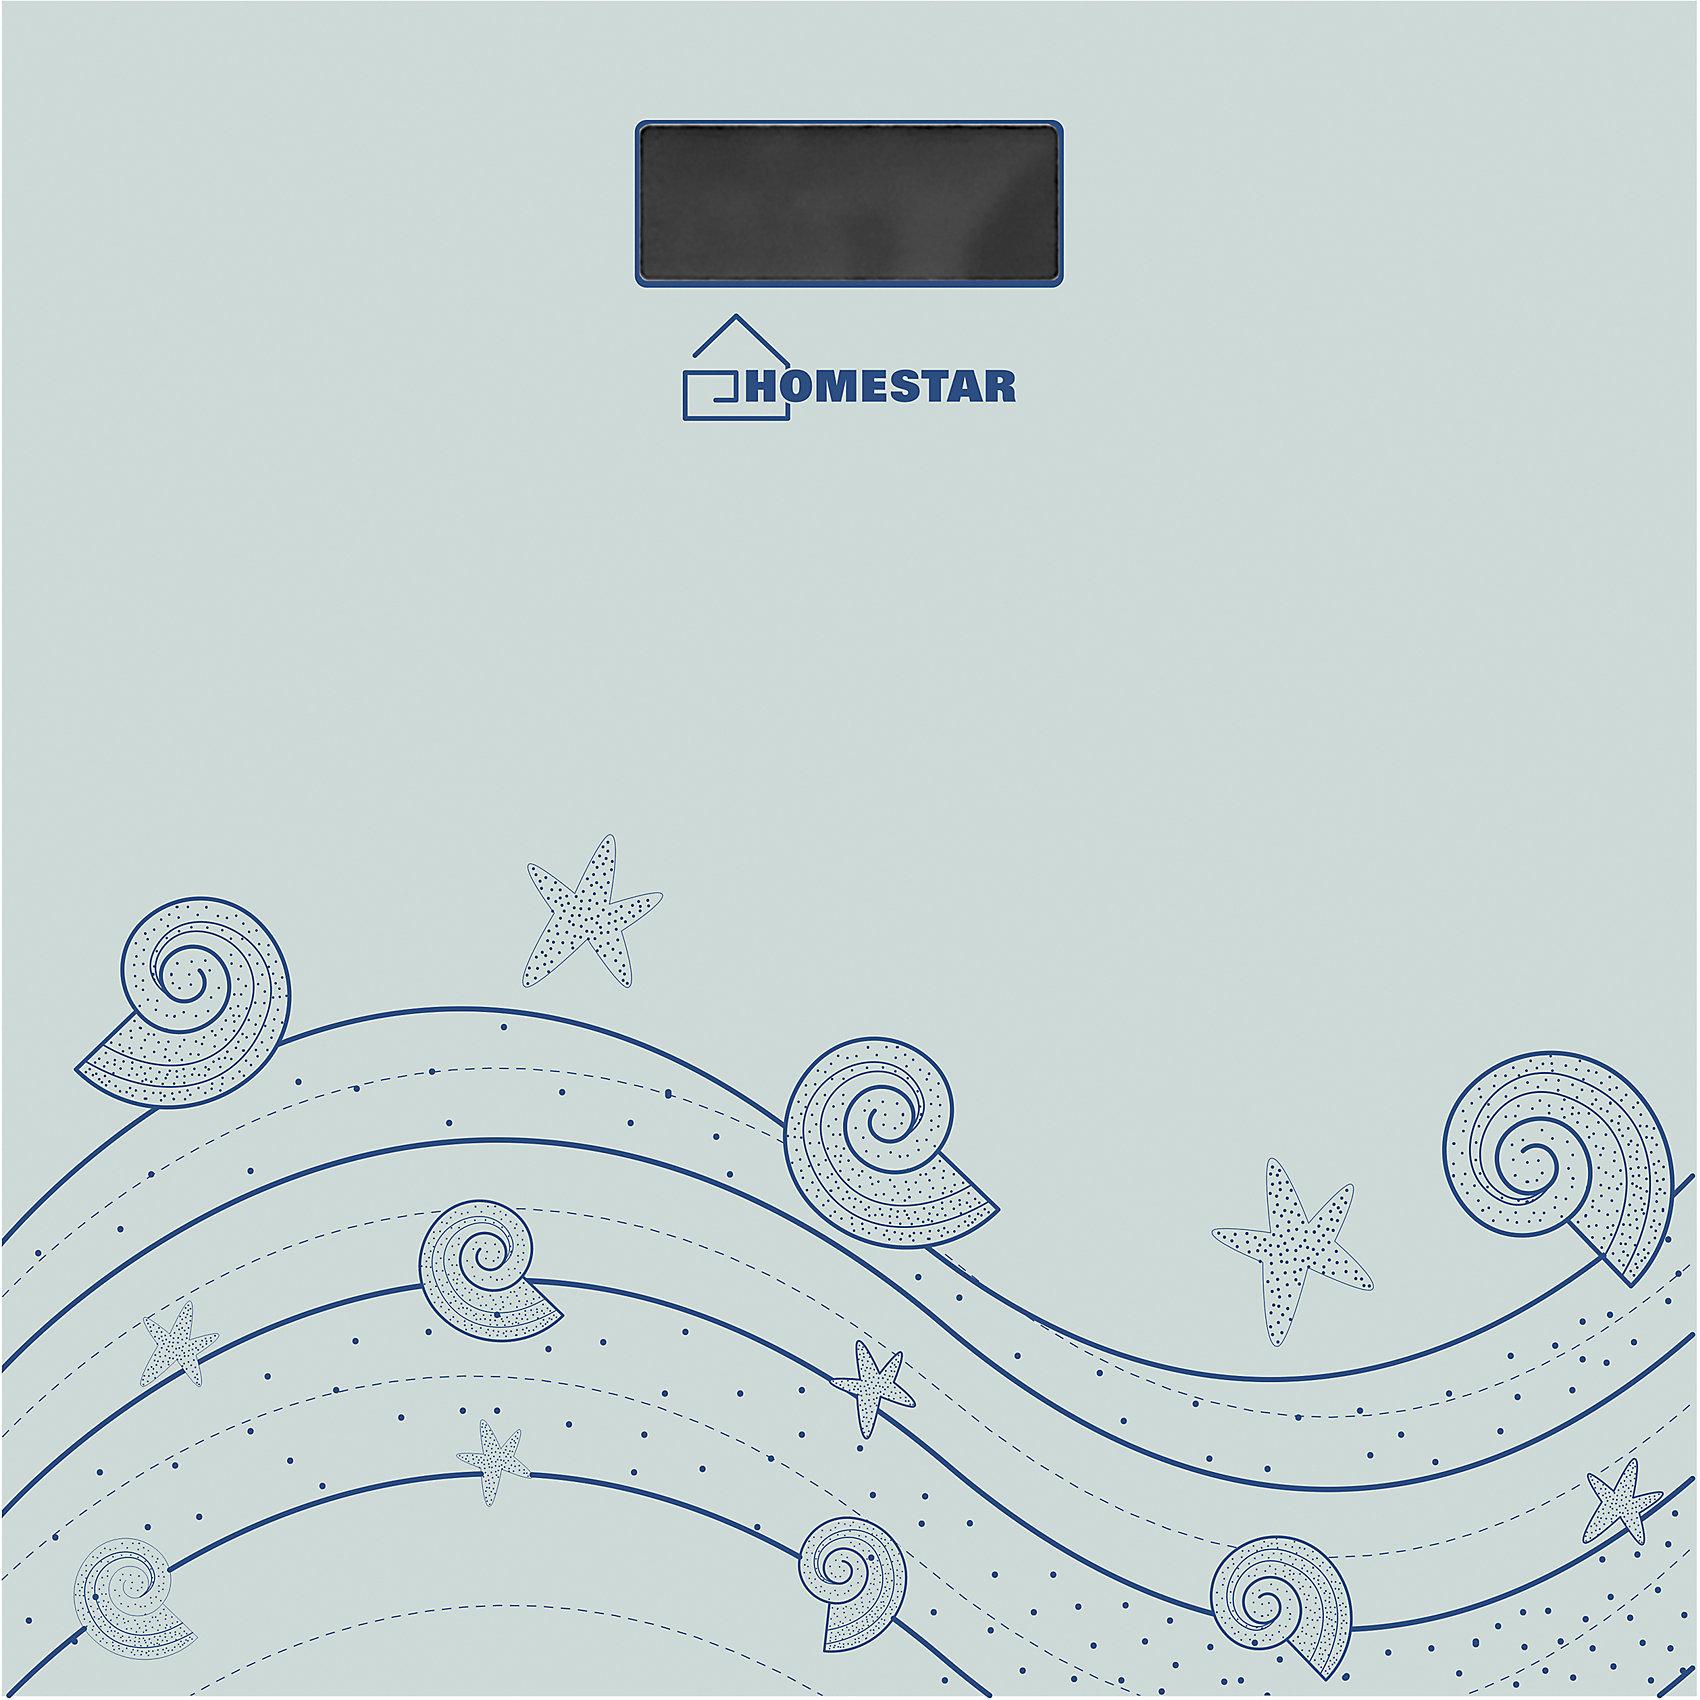 Весы напольные электронные HS-6001B, HOMESTARДетская бытовая техника<br>Весы напольные электронные HS-6001B, HOMESTAR (ХоумСтар)<br><br>Характеристики:<br><br>• поверхность весов из стекла<br>• максимальная нагрузка: 180 кг<br>• размер платформы: 26х26 см<br>• привлекательный дизайн<br>• единицы измерения: фунты, кг<br>• материал: стекло, пластик, металл<br>• батарейки: CR2032 - 1шт. (входит в комплект)<br><br>Точные весы с красивым дизайном - отличный подарок для тех, кто следит за своим весом. Поверхность весов изготовлена из прочного стекла. Она выдерживает нагрузку до 180 килограмм. Размер площадки - 26х26 сантиметров. Для работы необходима батарейка CR2032 (входит в комплект).<br><br>Весы напольные электронные HS-6001B, HOMESTAR (ХоумСтар) вы можете купить в нашем интернет-магазине.<br><br>Ширина мм: 300<br>Глубина мм: 280<br>Высота мм: 20<br>Вес г: 1119<br>Возраст от месяцев: 0<br>Возраст до месяцев: 36<br>Пол: Унисекс<br>Возраст: Детский<br>SKU: 5454046